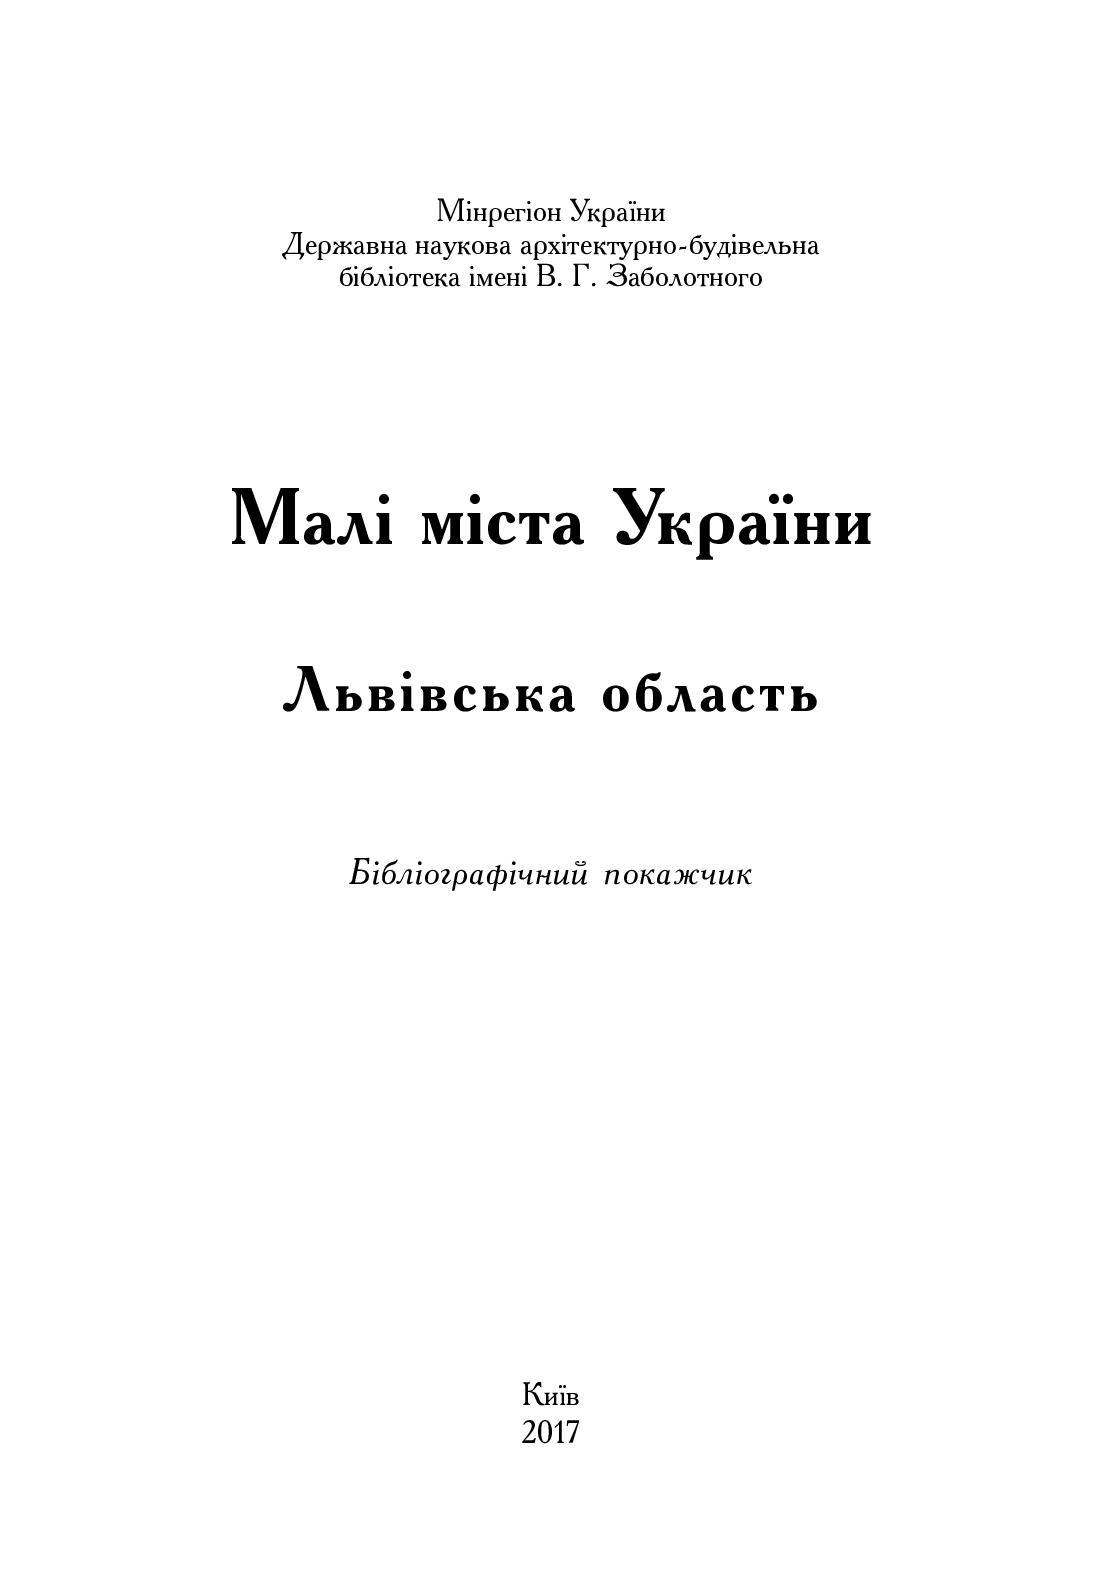 Львівська область Part1